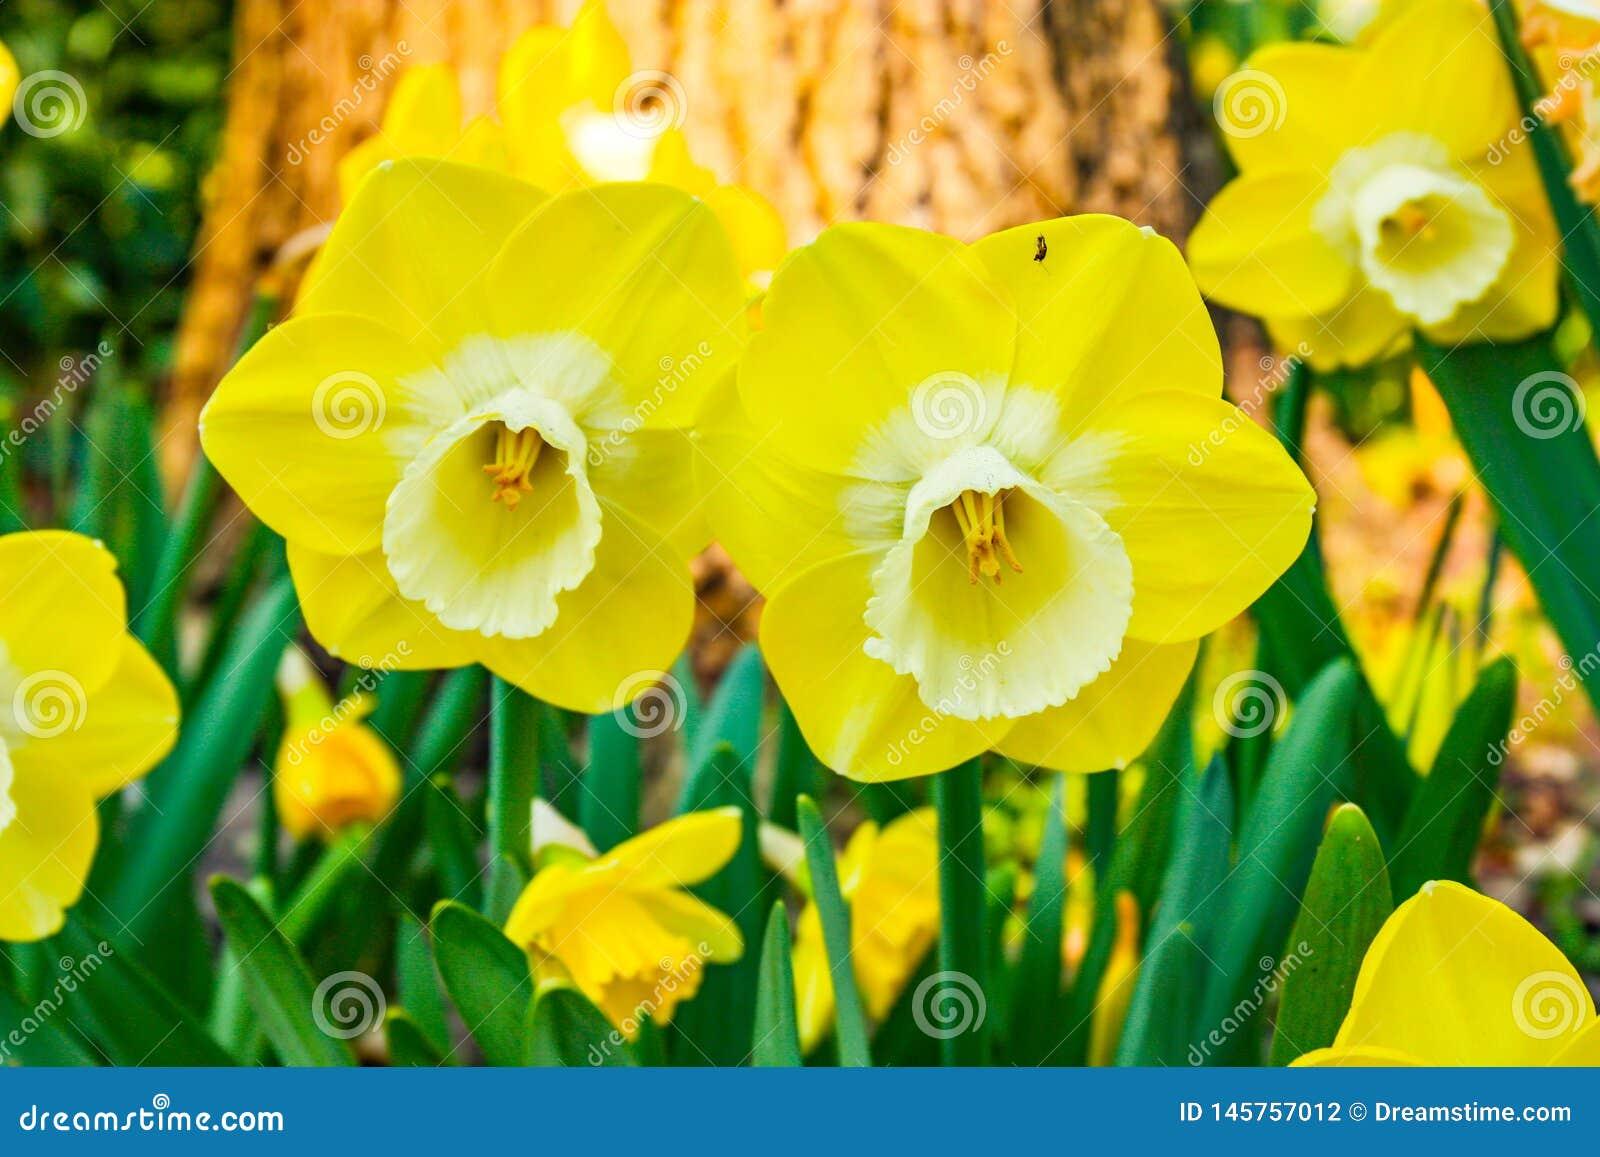 Deux tulipes jaunes très gentilles et belles dans le premier plan